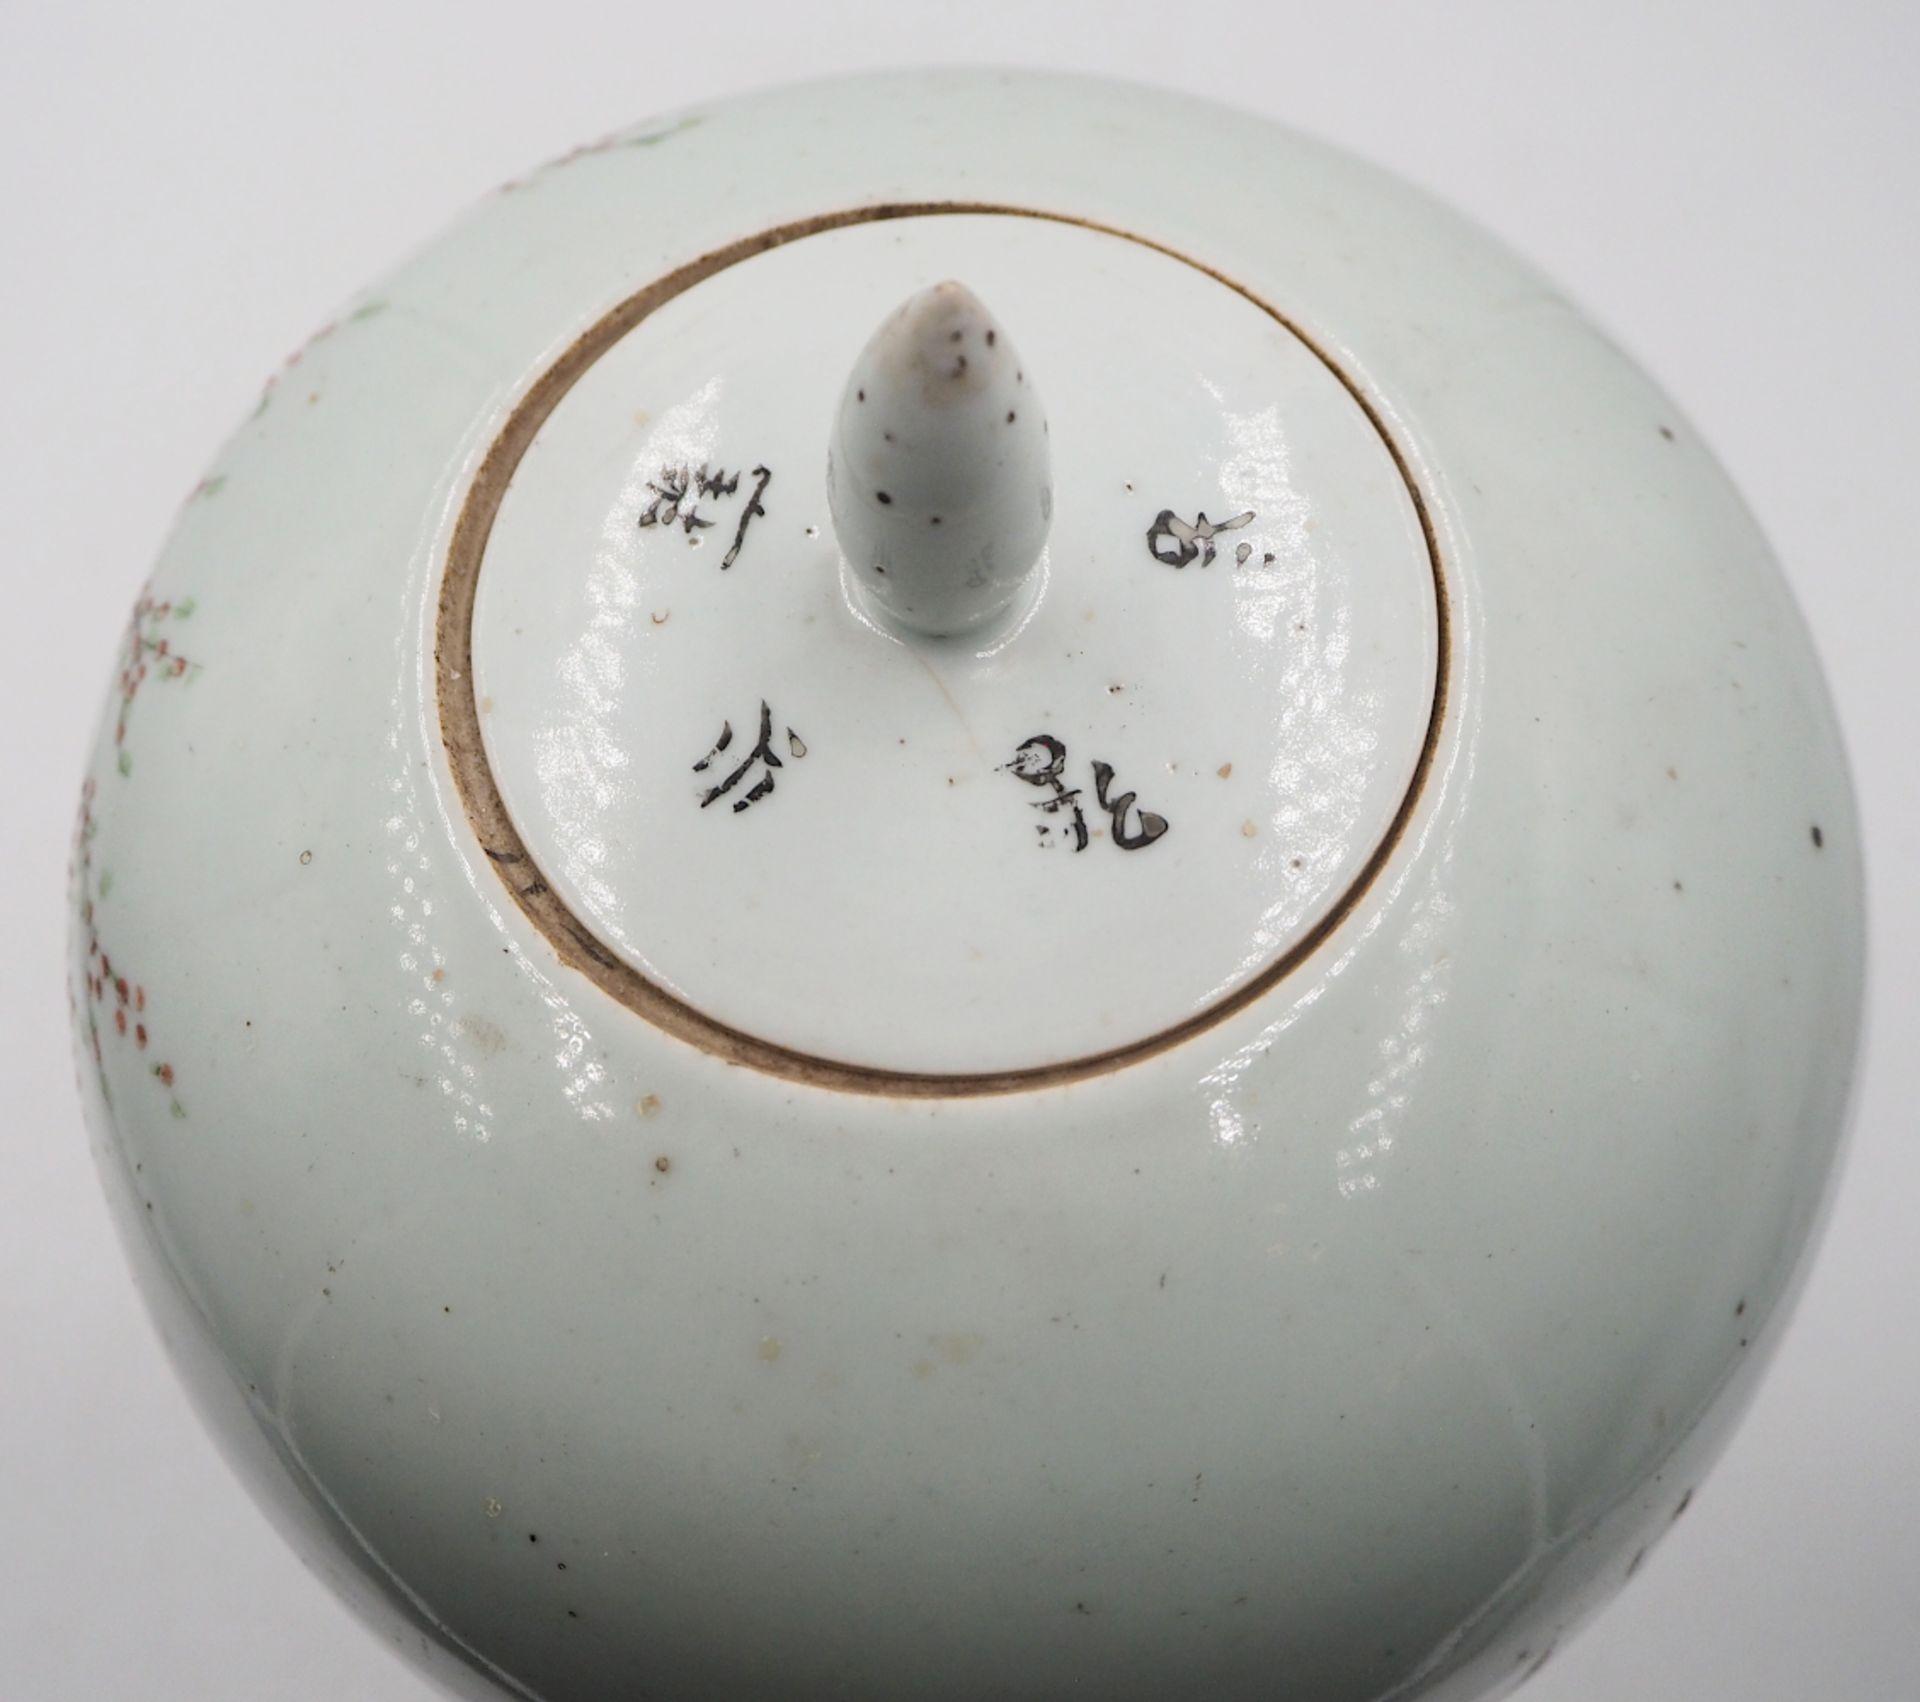 """1 Deckelvase Porzellan beige-/hellgraugrundig, mit japanischem Dekor """"Frauen beim Kirschblütenf - Bild 4 aus 6"""